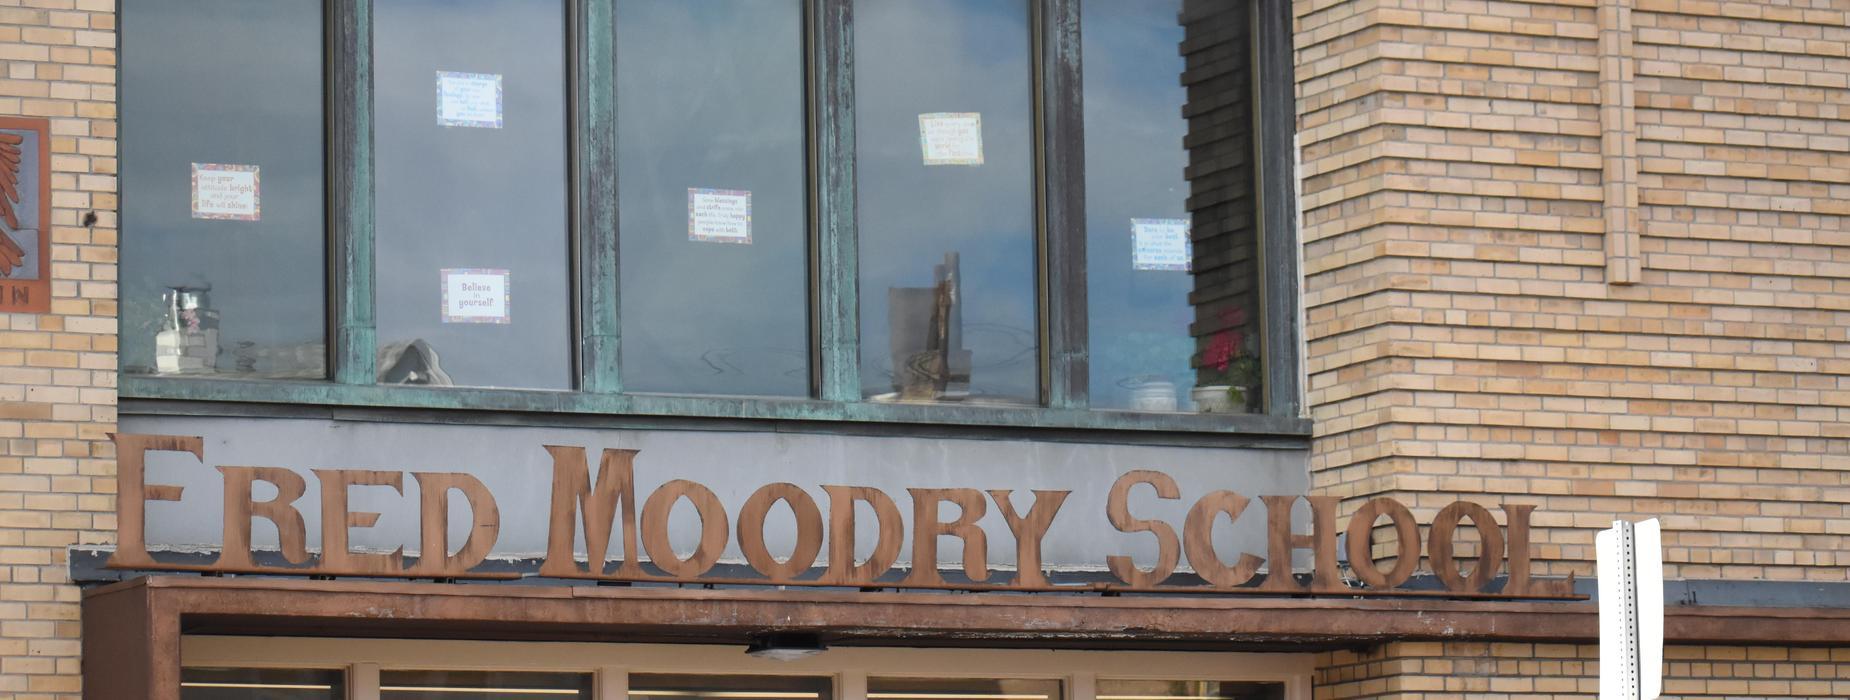 Fred Moodry School Sign